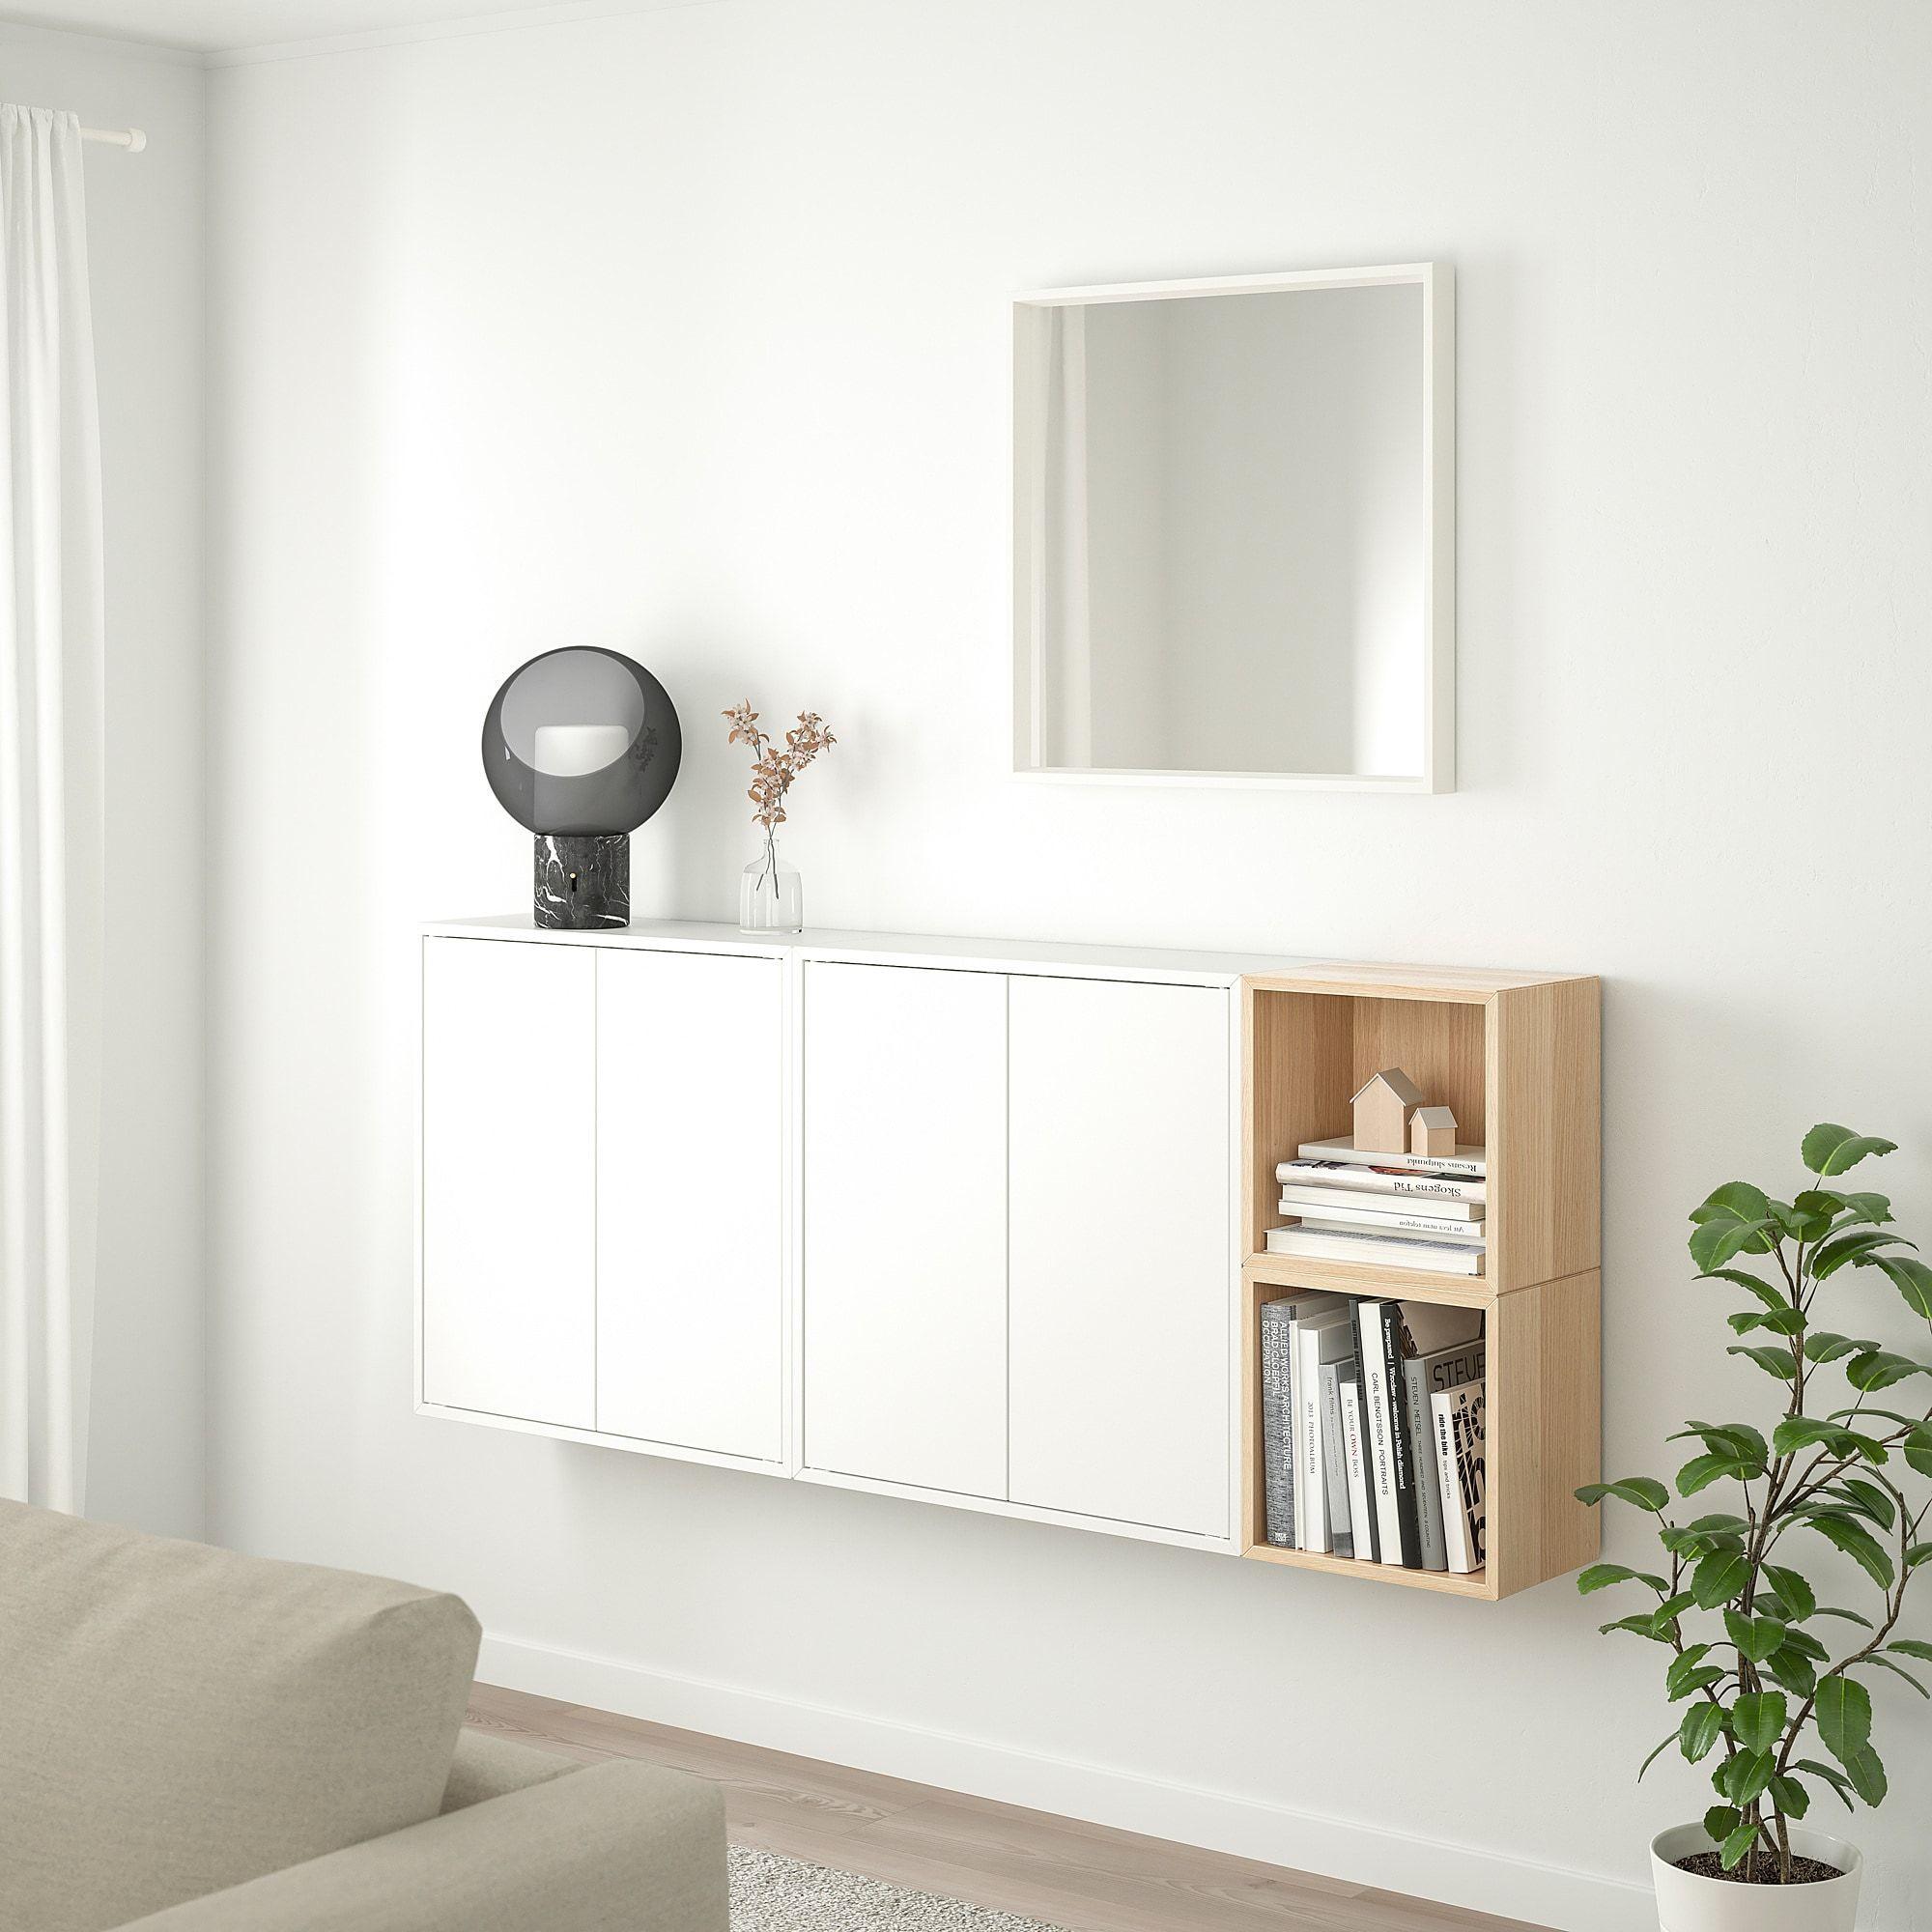 EKET skapkombinasjon for veggmontering hvit, eikeffekt